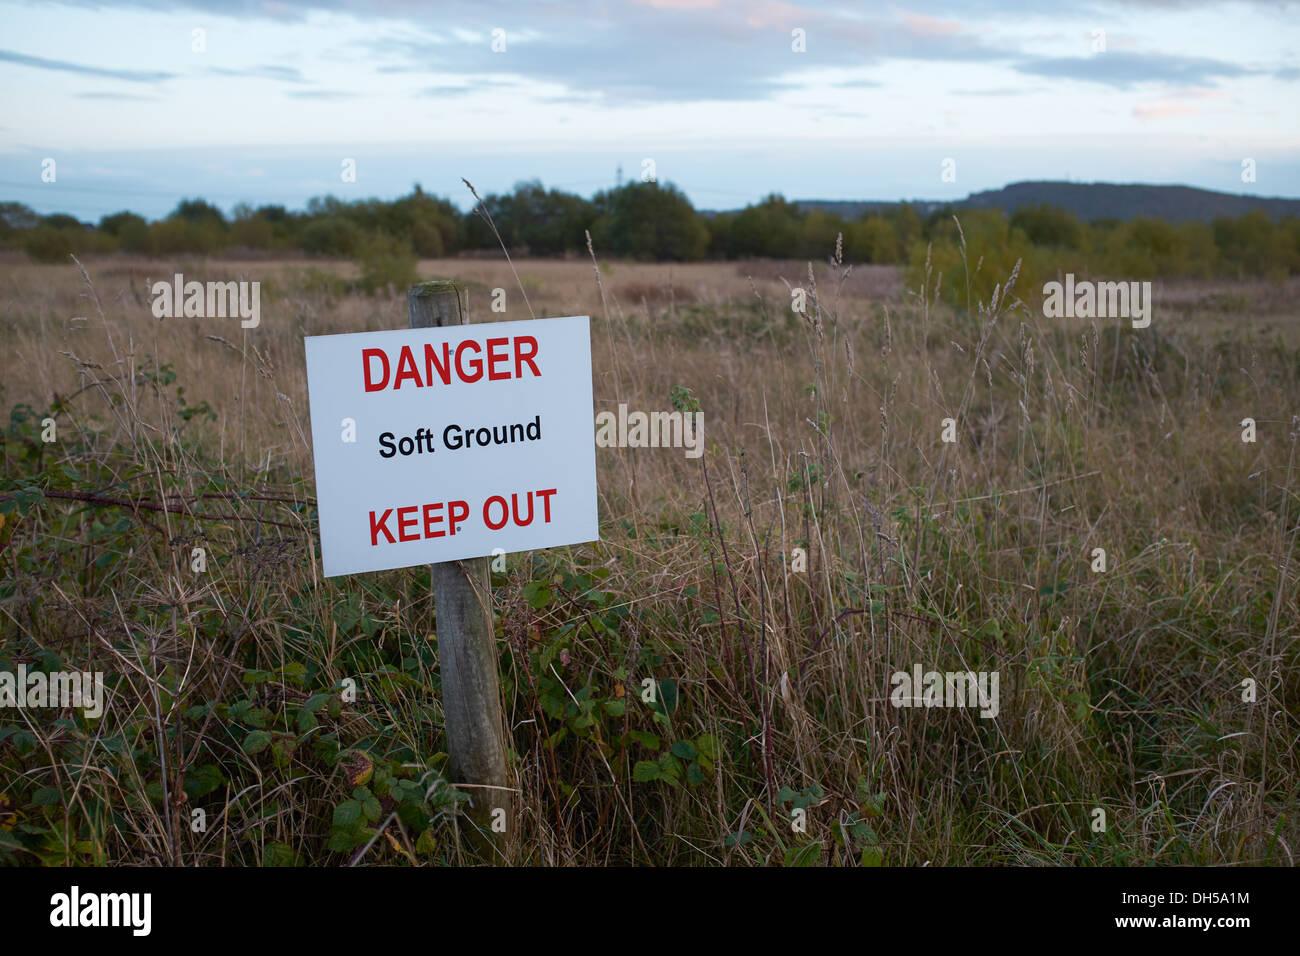 Gefahrenzeichen, weichen Boden zu halten, neben eine bewachsene Fläche Stockbild